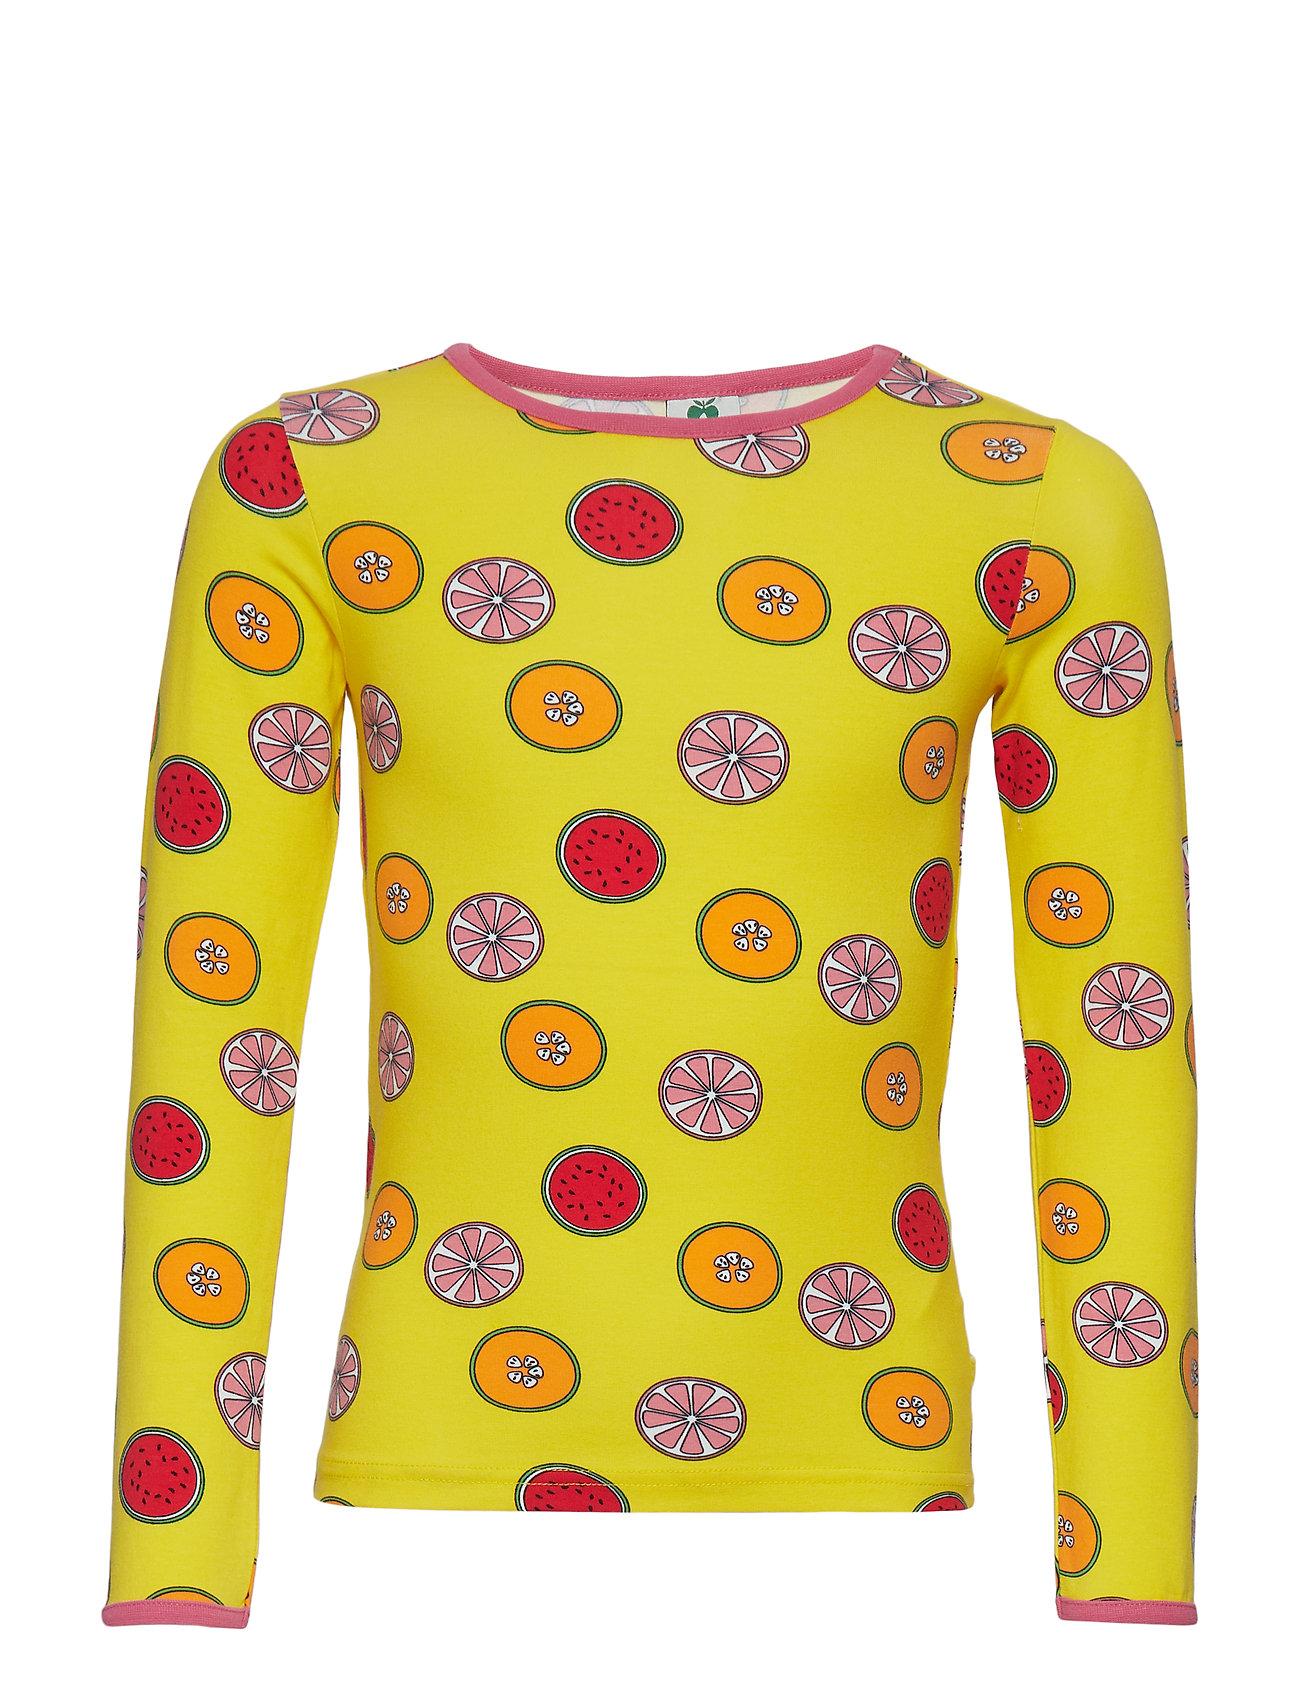 Småfolk T-shirt LS. Fruits